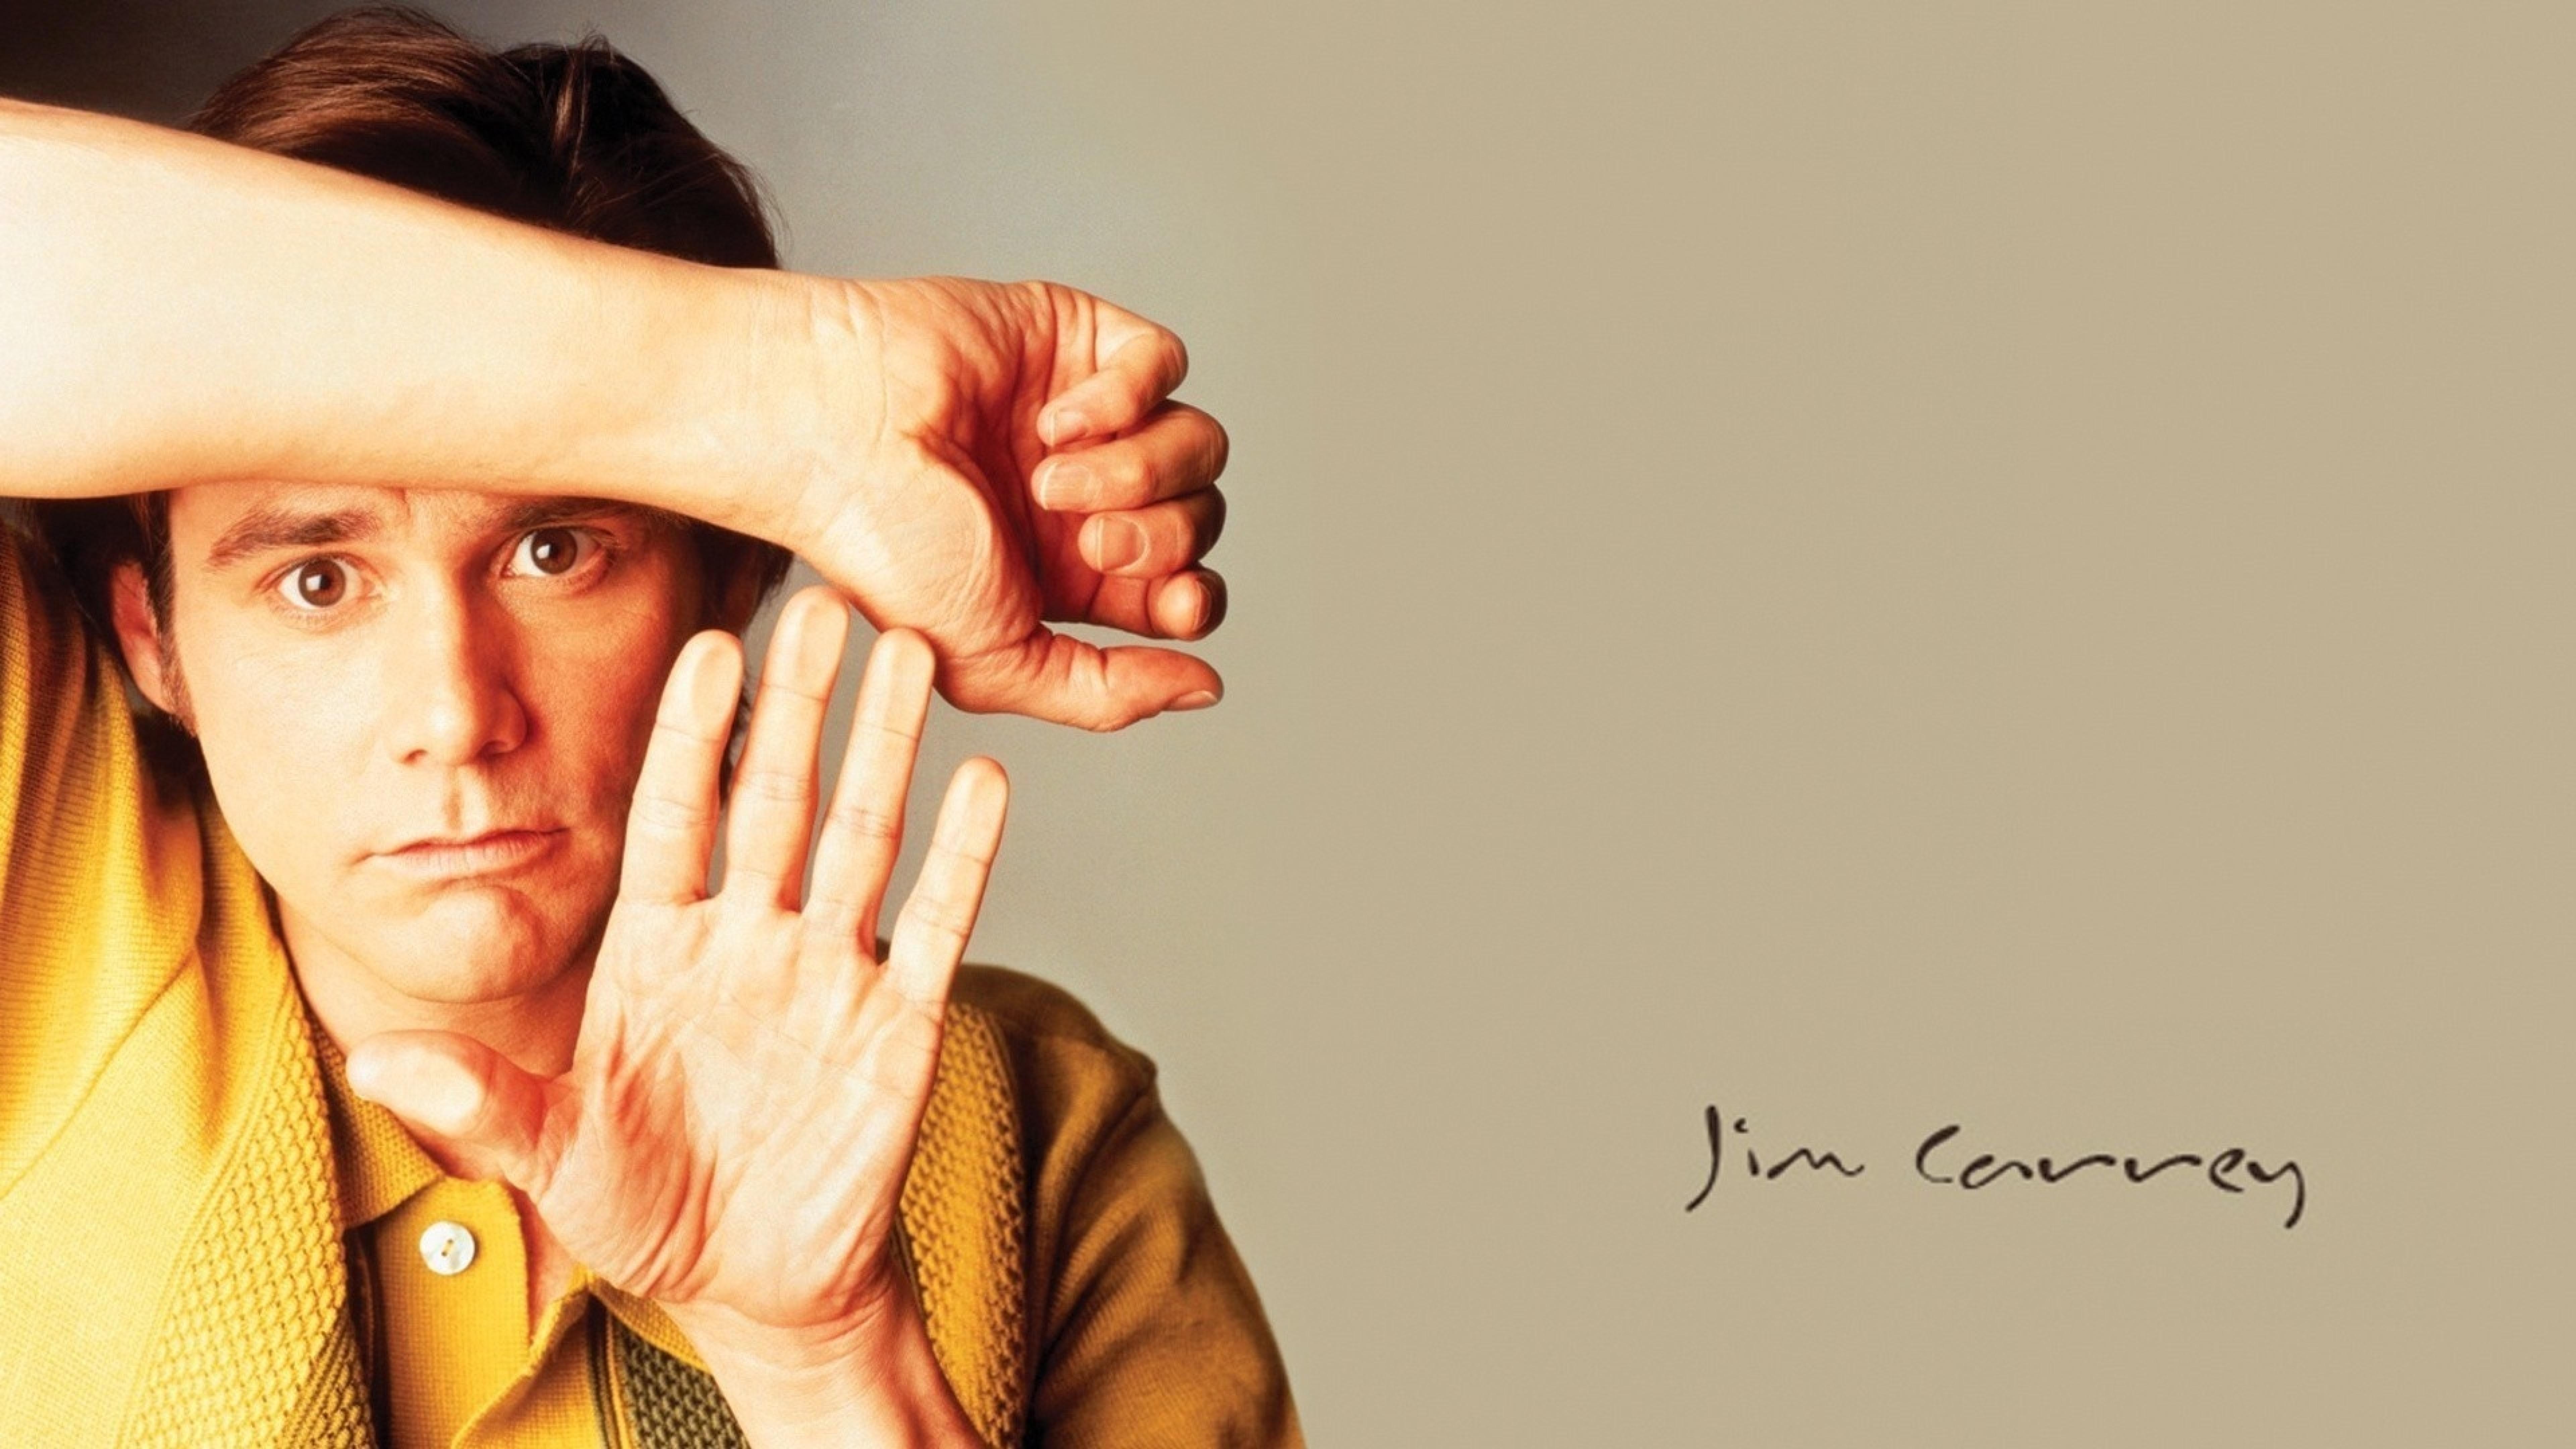 Jim Carrey Quotes 2017 - HD Wallpaper